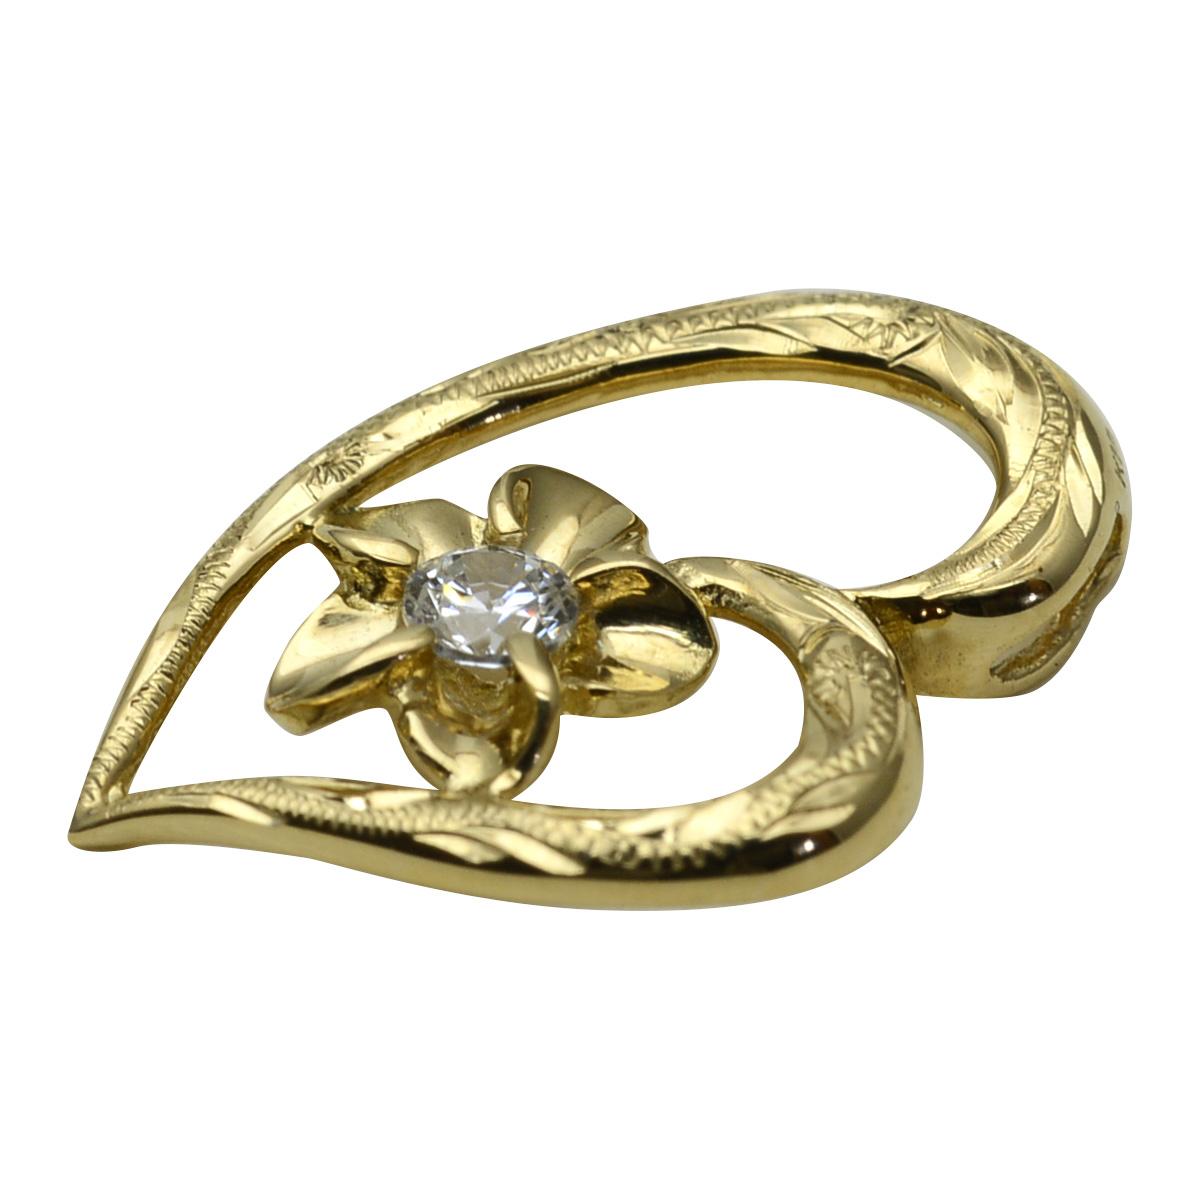 K18 ハワイアンジュエリー ネックレス GOLD オープンハート プルメリア  ダイヤモンド ペンダントトップ ※付属チェーンなし apd1196a